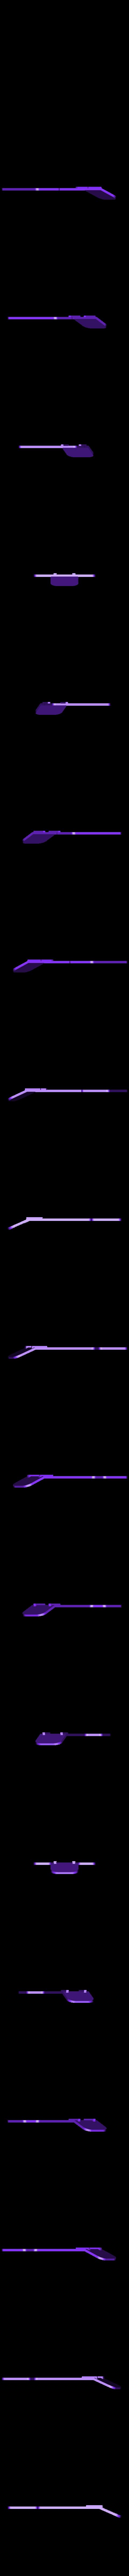 car_clips.STL Télécharger fichier STL gratuit Porte-cartes Porte-cartes Clip Clip Sticker • Design à imprimer en 3D, Cerega